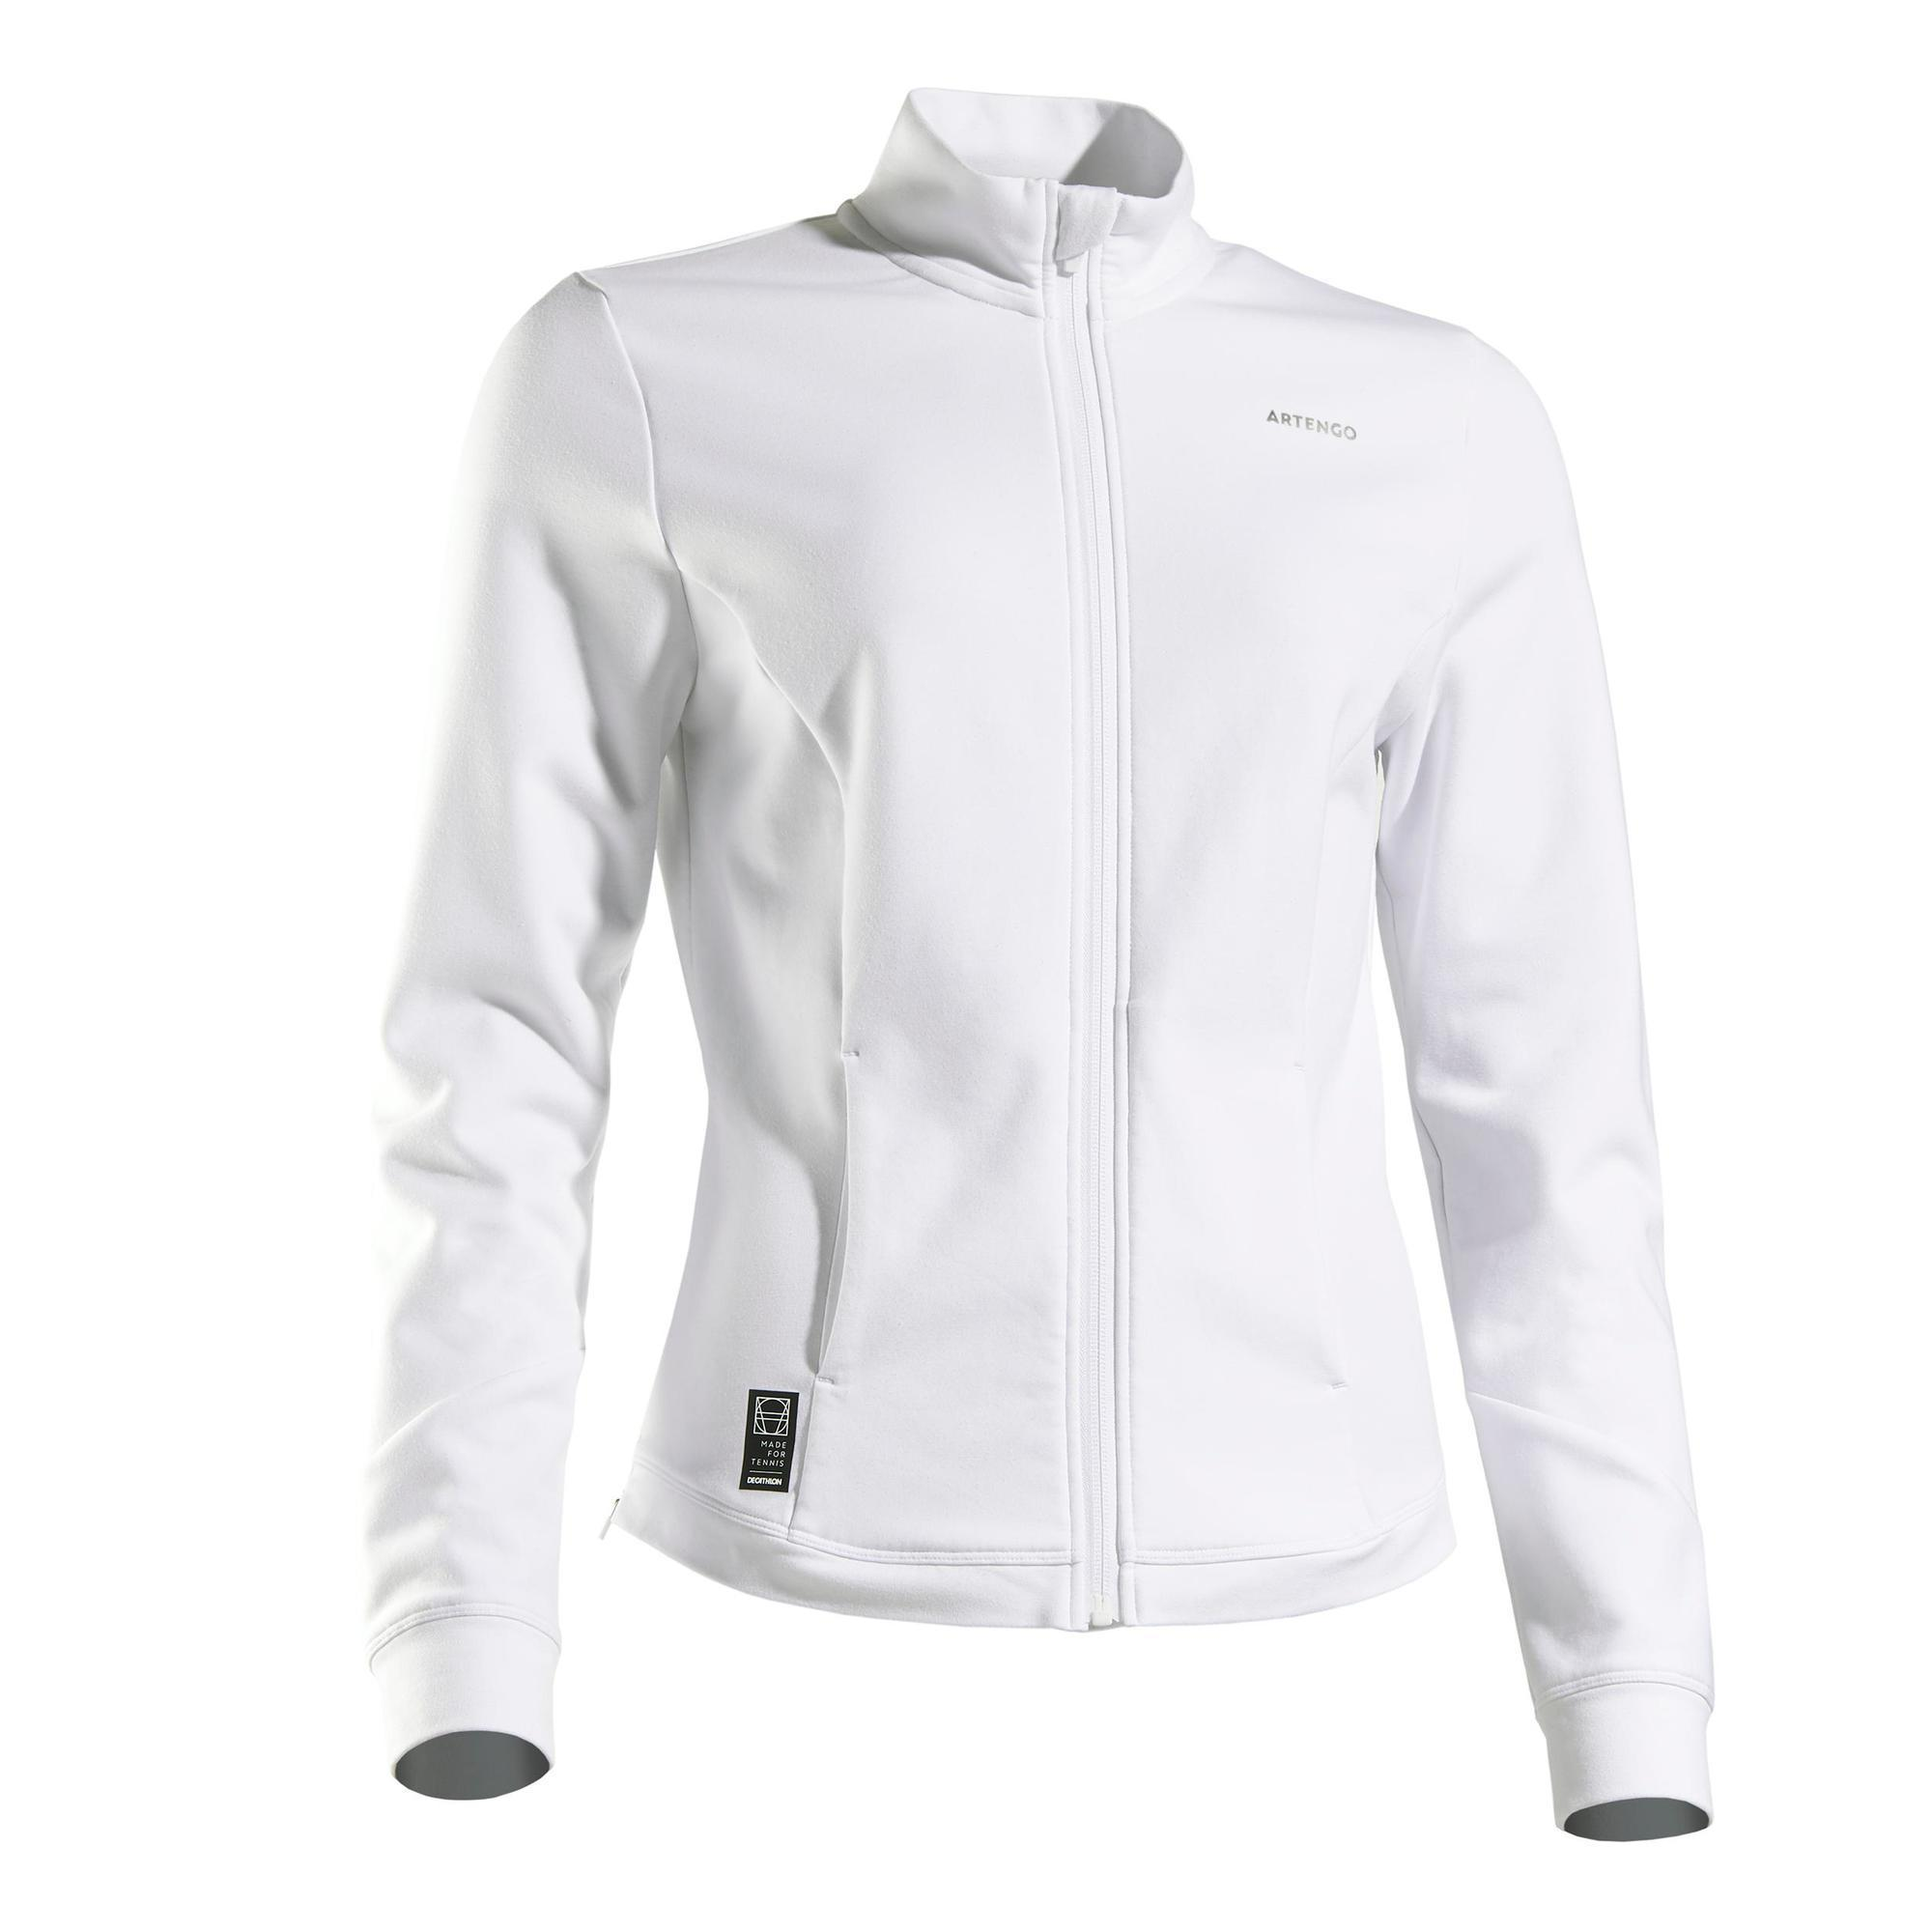 Tennisjacke Trainingsjacke JK Dry 900 Damen | Sportbekleidung > Sportjacken > Trainingsjacken | Artengo